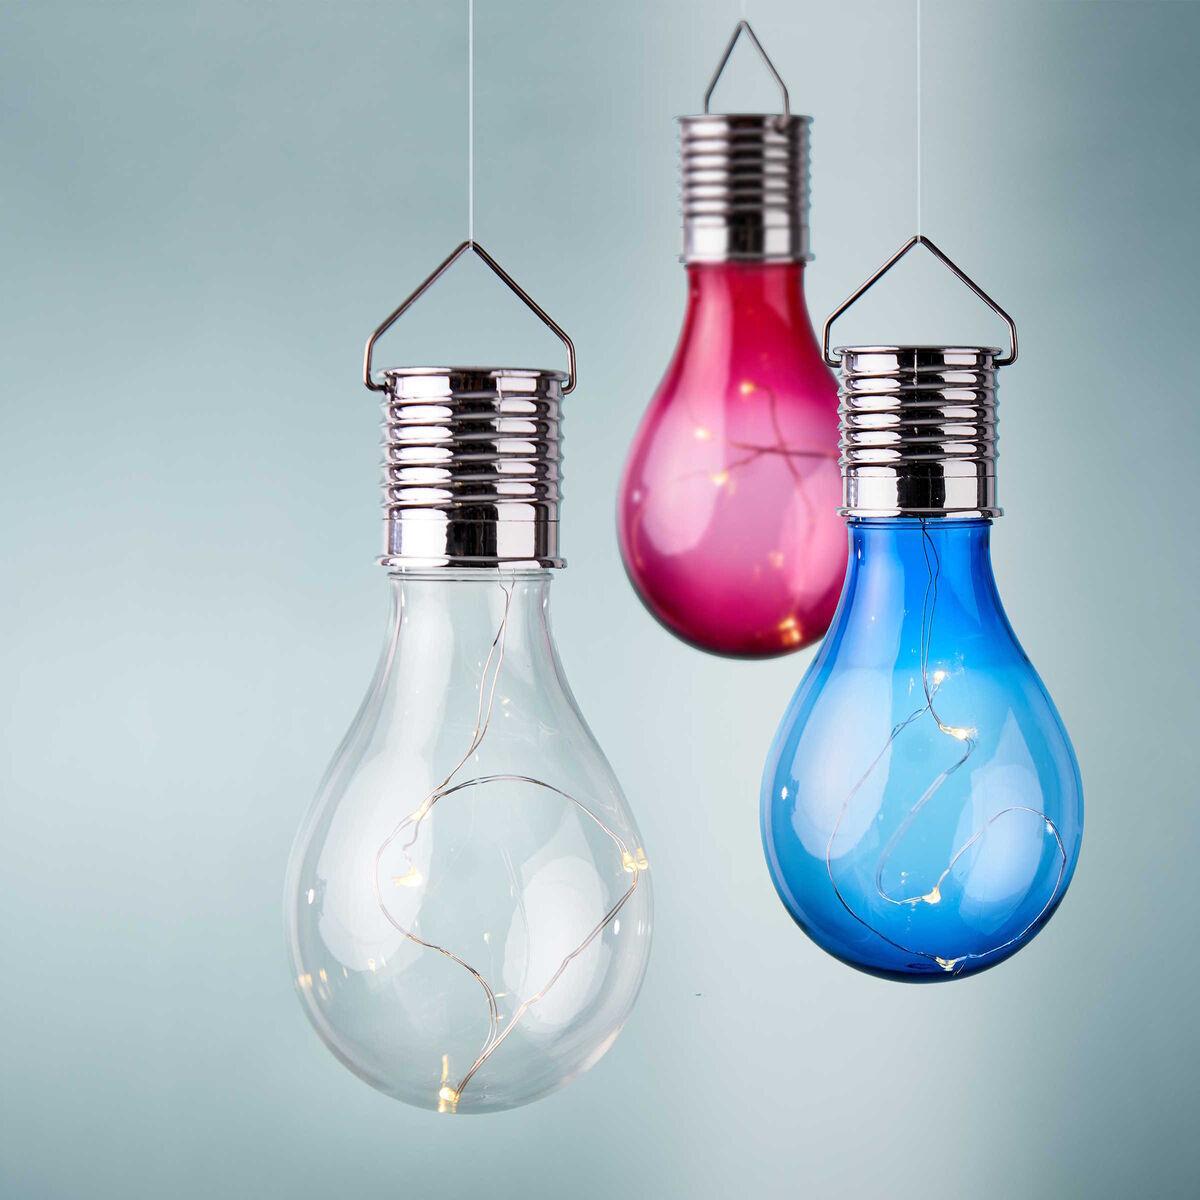 Bild 5 von Glühbirne Solar mit Aufhängung blau